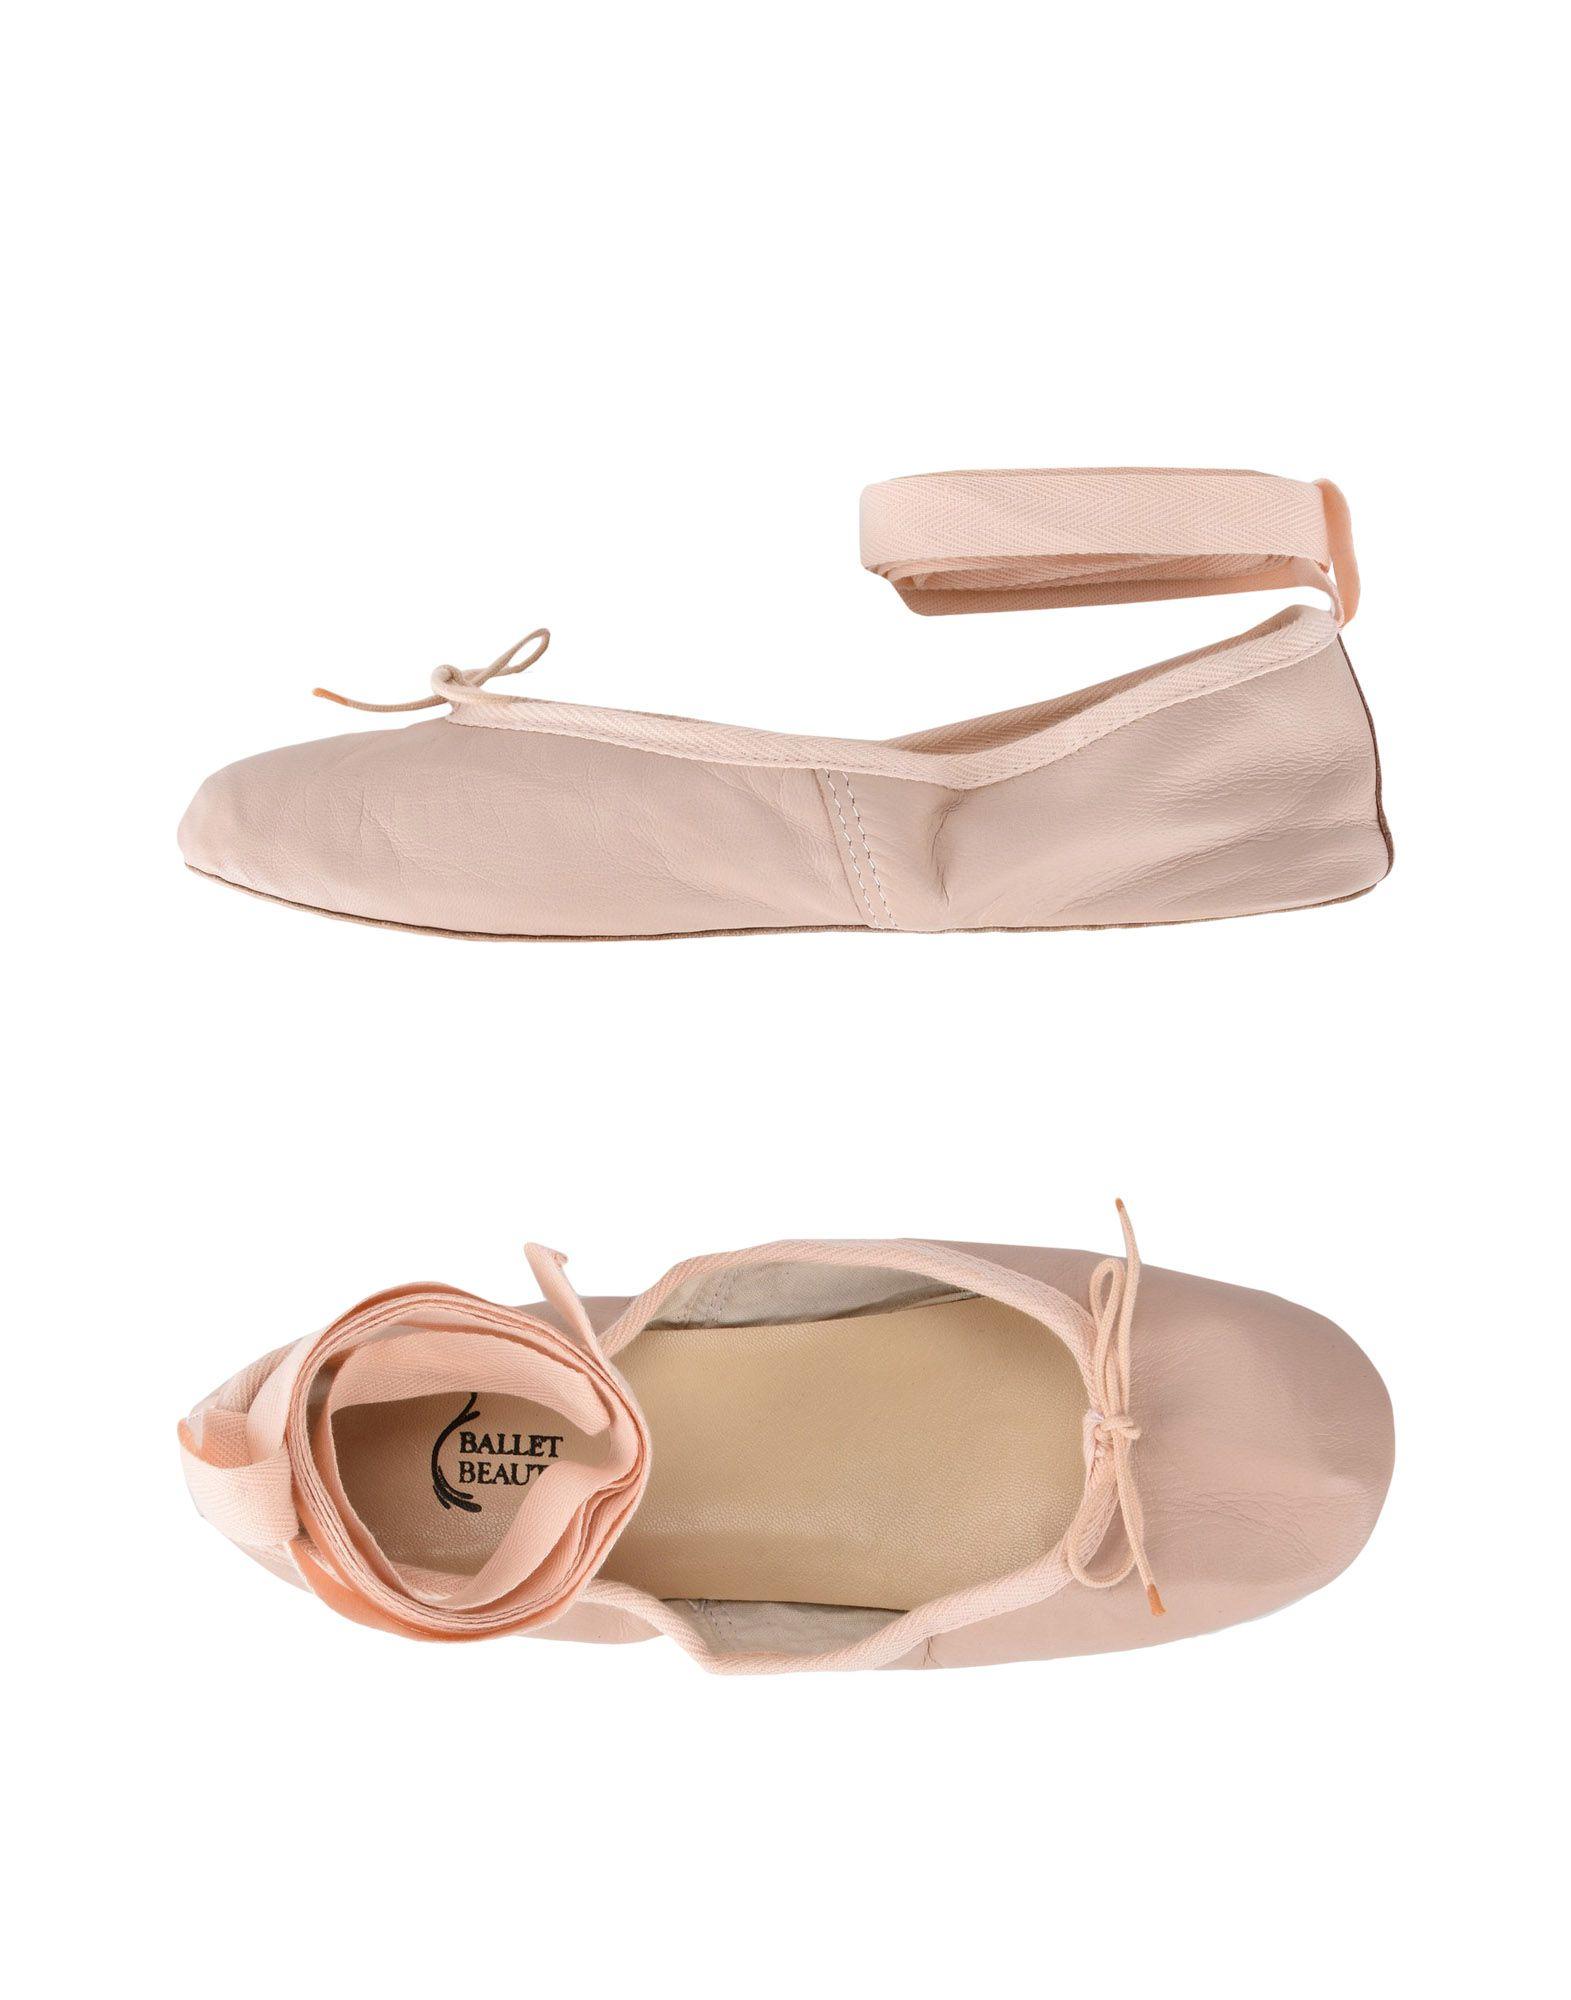 Ballerine Ballet Beautiful Donna - 11500499JL